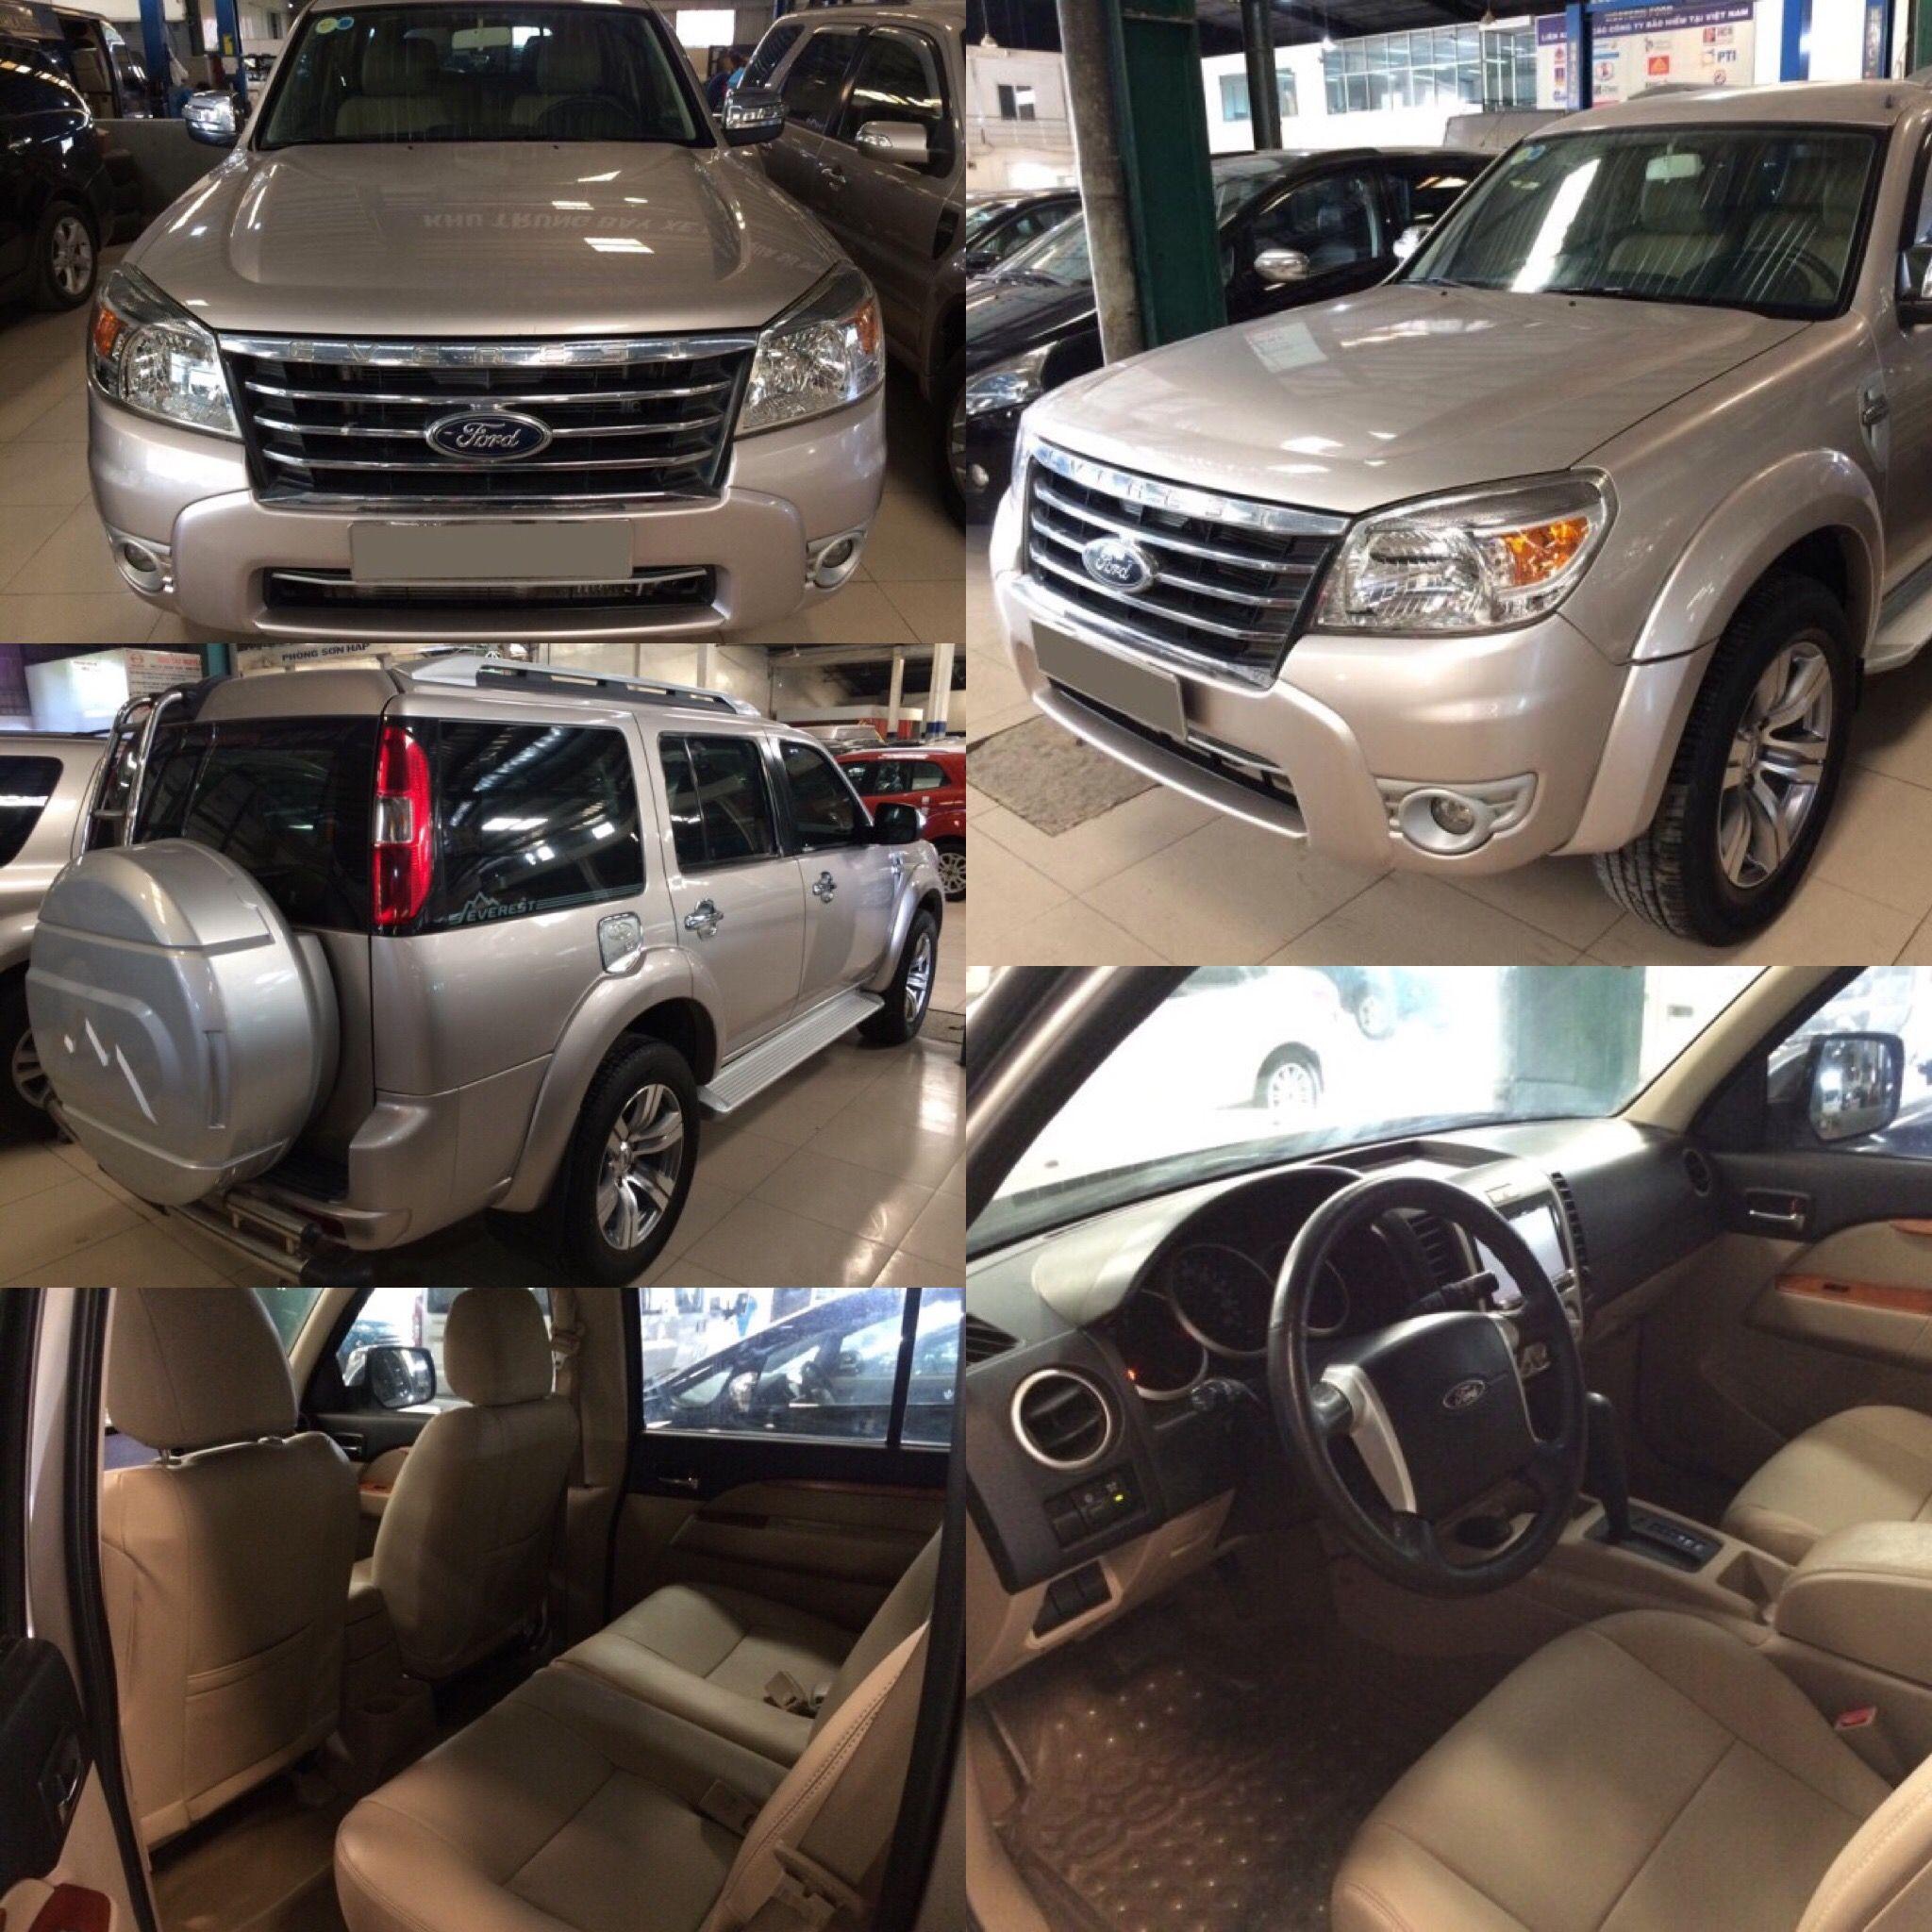 Cần bán Ford Everest 2.5 MT 4x2 2010, màu Hồng phấn, ~85.000 km, xe cá nhân sử dụng kỹ, có bảo hành, hỗ trợ vay ngân hàng 80% trong 4-5 năm, với lãi suất cực hấp dẫn, thủ tục nhanh gọn! ---/// Hotline: 0902-291-791 để được tư vấn chuyên nghiệp và lái thử xe!  Email: sang.voviet@gmail.com Website: www.saithanhford.com Trân trọng!